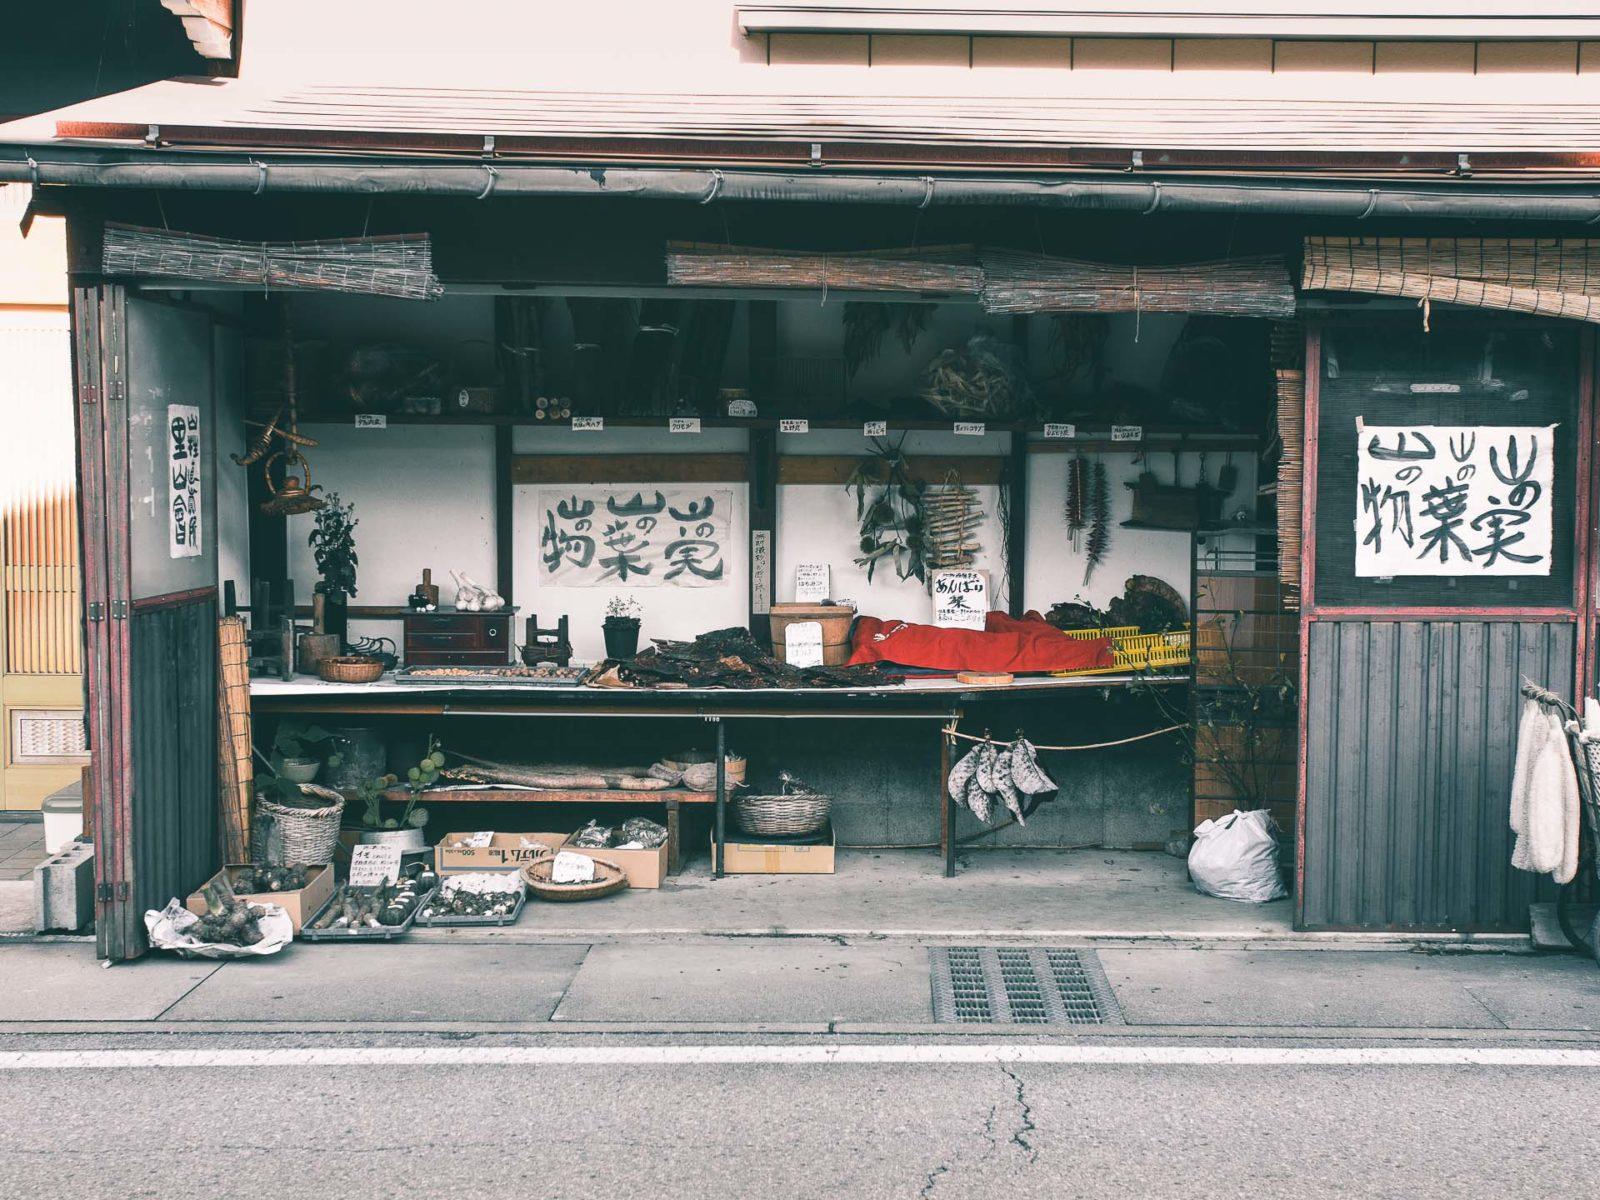 1600942433 318 Hida Furukawa camina en Japon inspiracion de Your Name